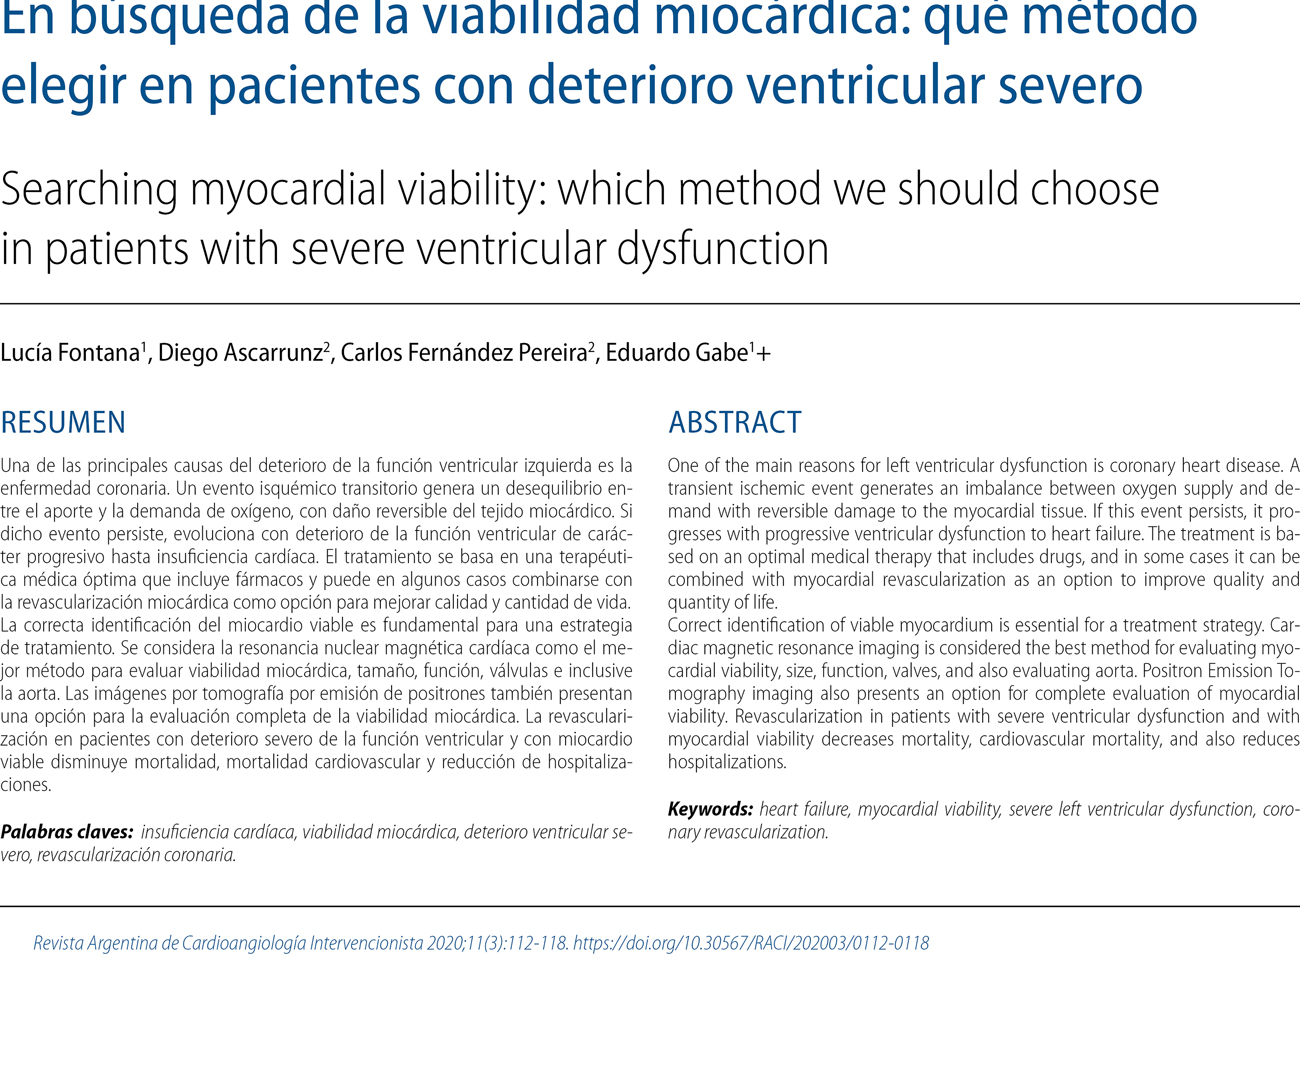 En búsqueda de la viabilidad miocárdica: qué método elegir en pacientes con deterioro ventricular severo